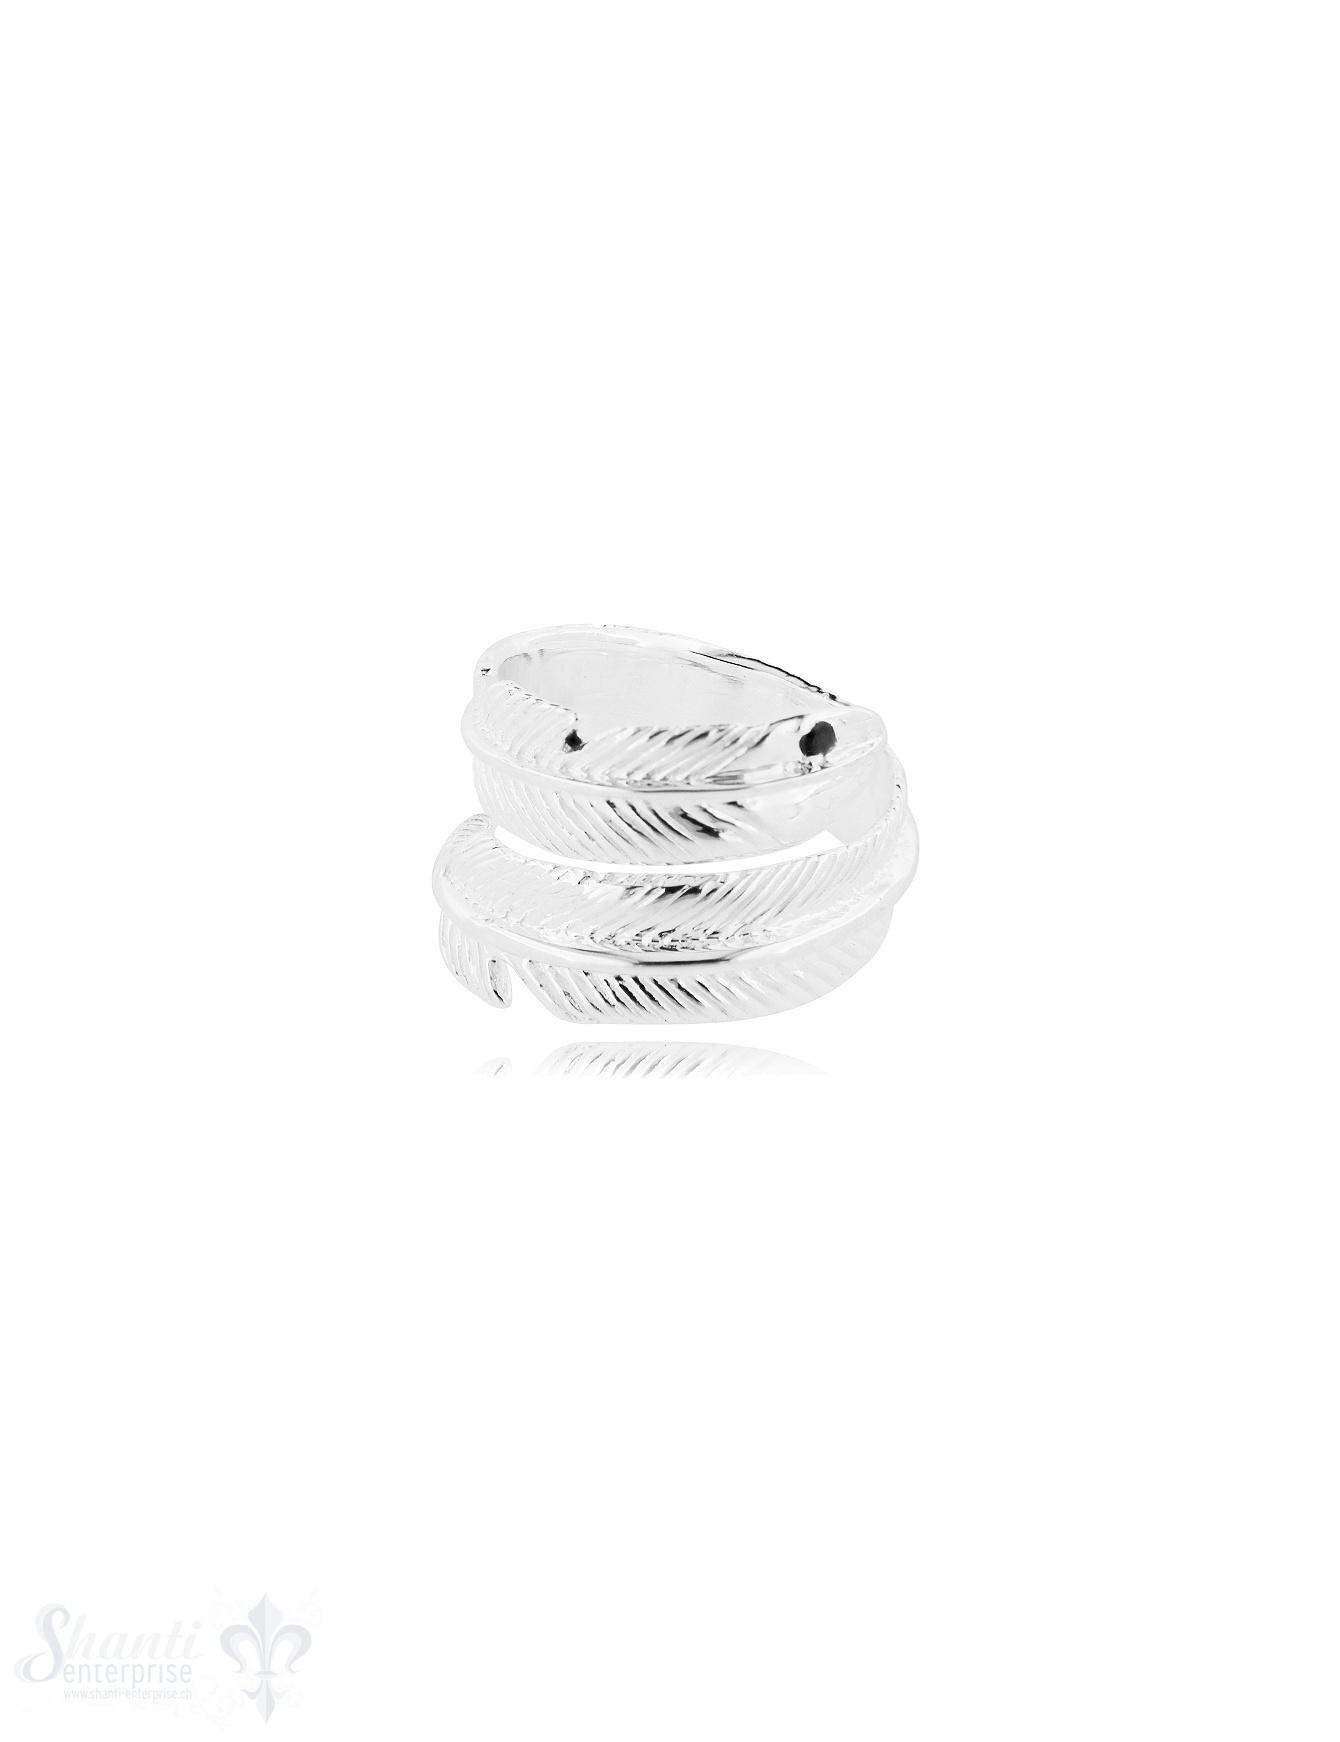 Feder Silberring offen mit Struktur Federauge mini Zirkonia schwarz verstellbar Silber 925 hell